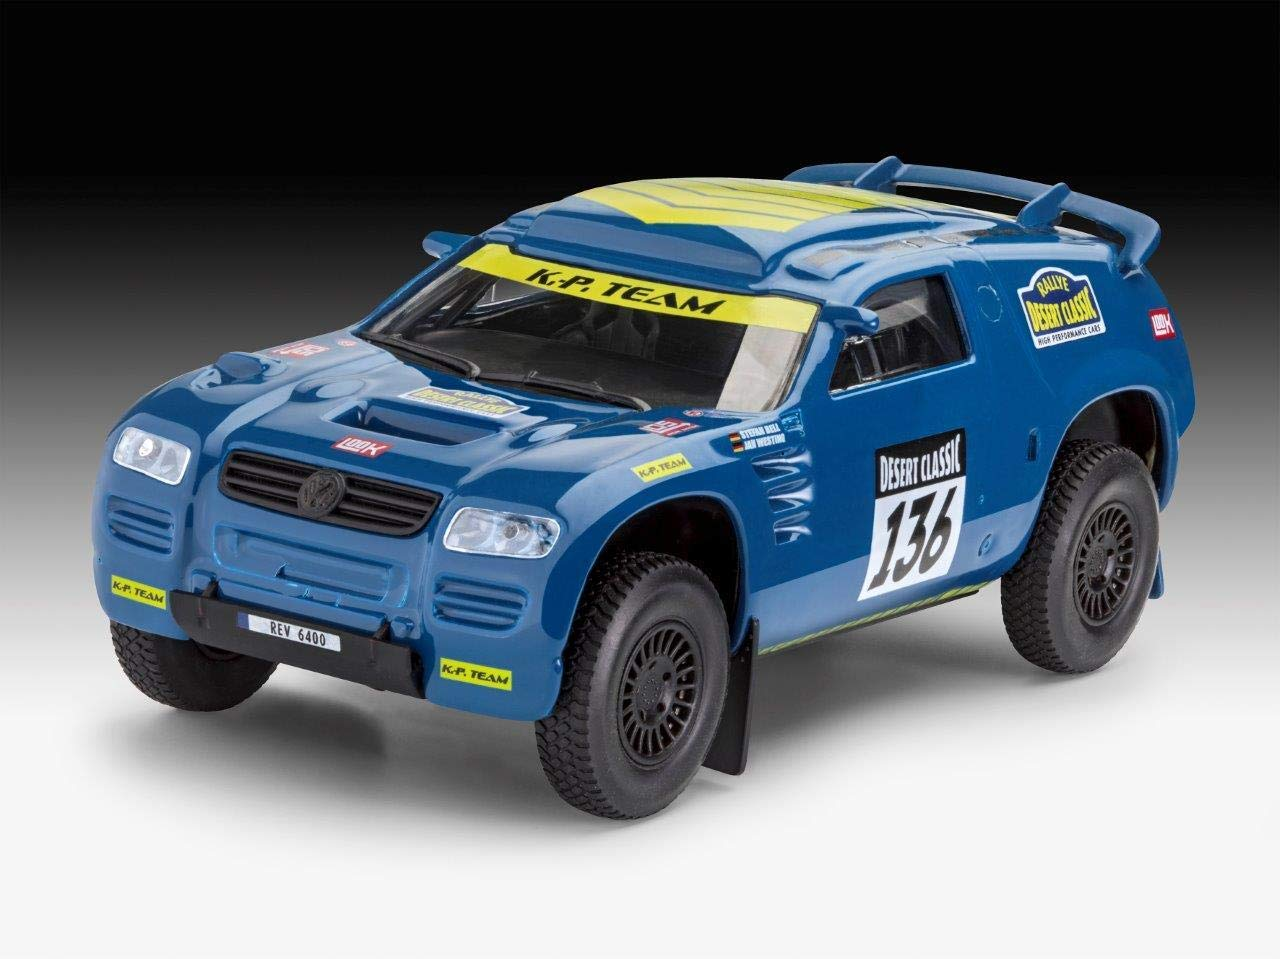 REVELL Desert Racer imagine